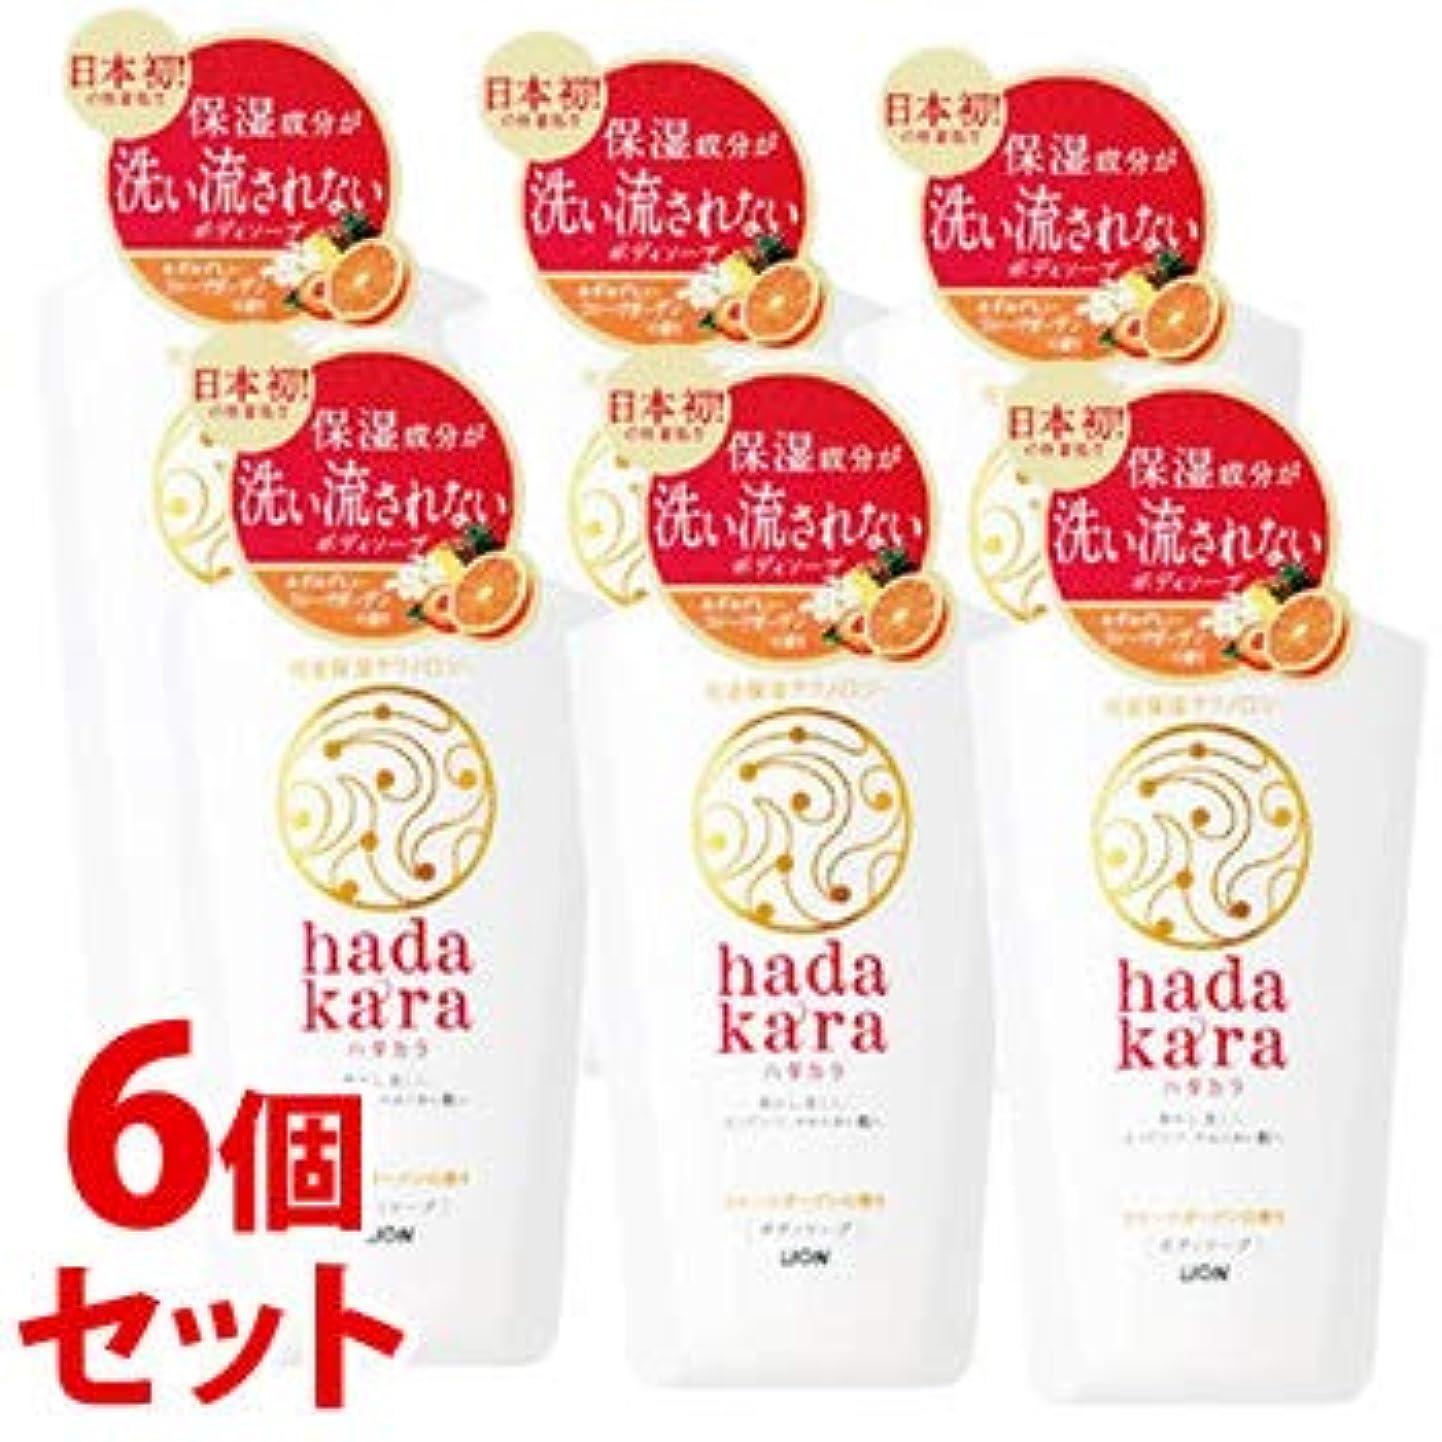 寸前枯渇好み《セット販売》 ライオン ハダカラ hadakara ボディソープ フルーツガーデンの香り 本体 (500mL)×6個セット